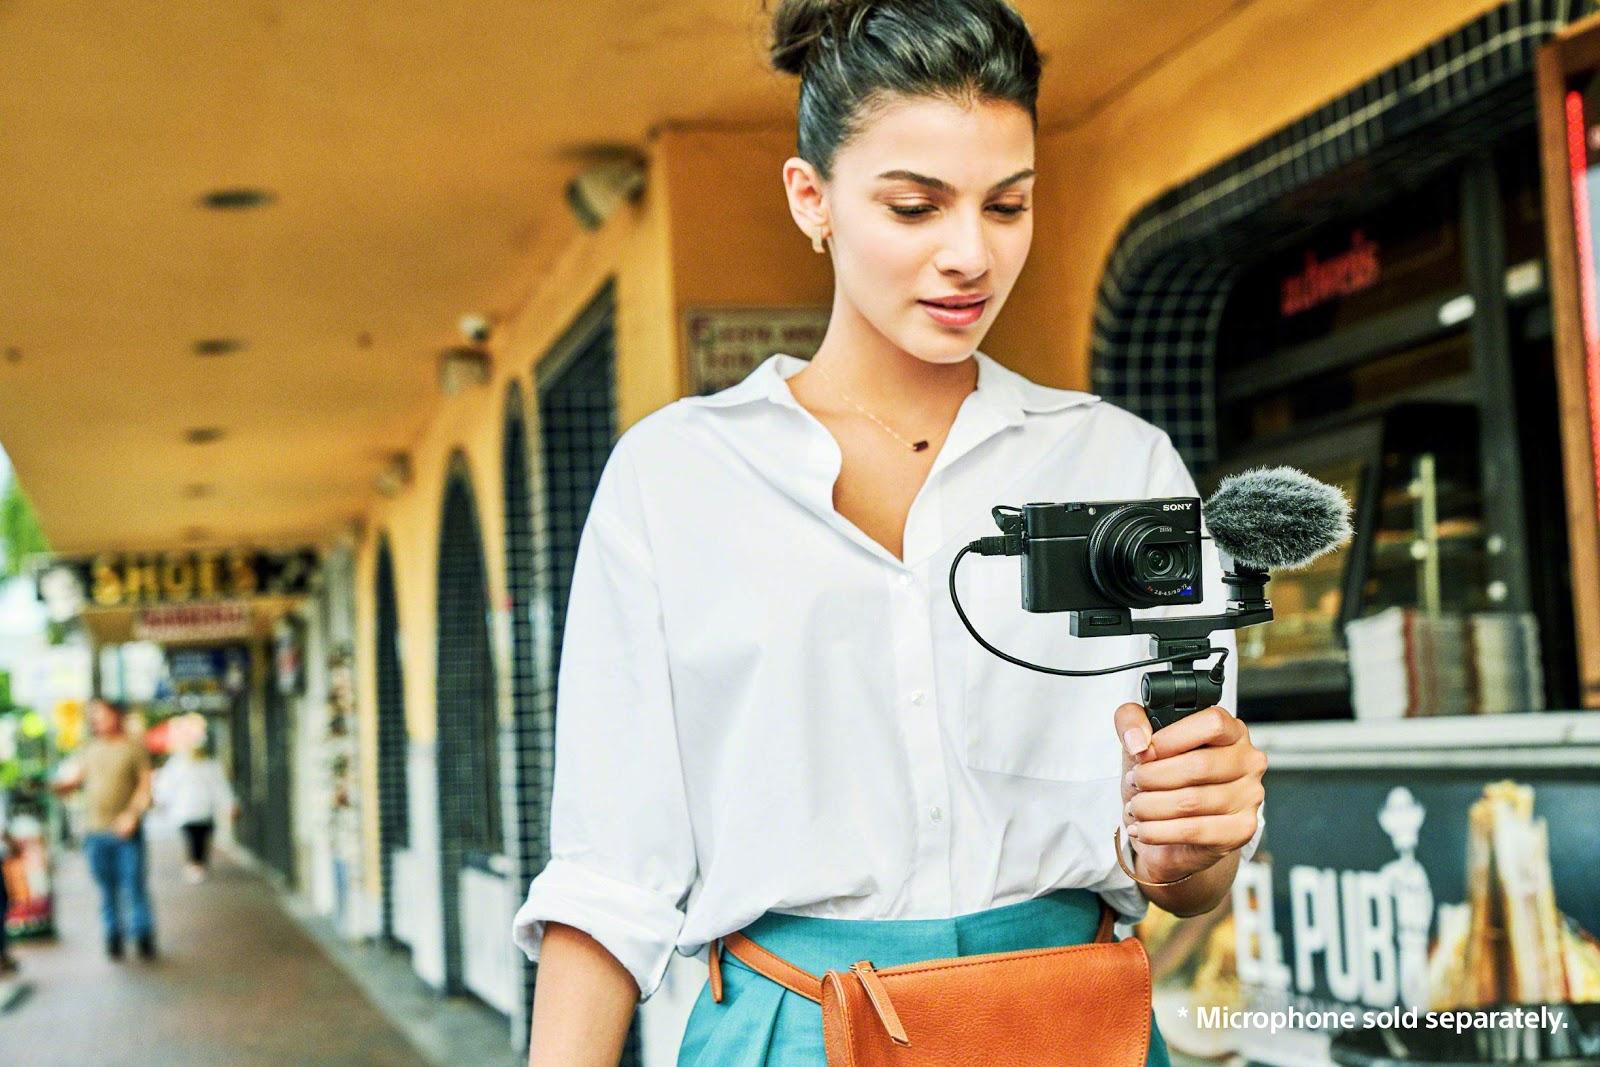 """Loạt máy ảnh đáng đầu tư cho những chuyến du lịch đạt chuẩn """"sang chảnh"""" - Ảnh 6."""